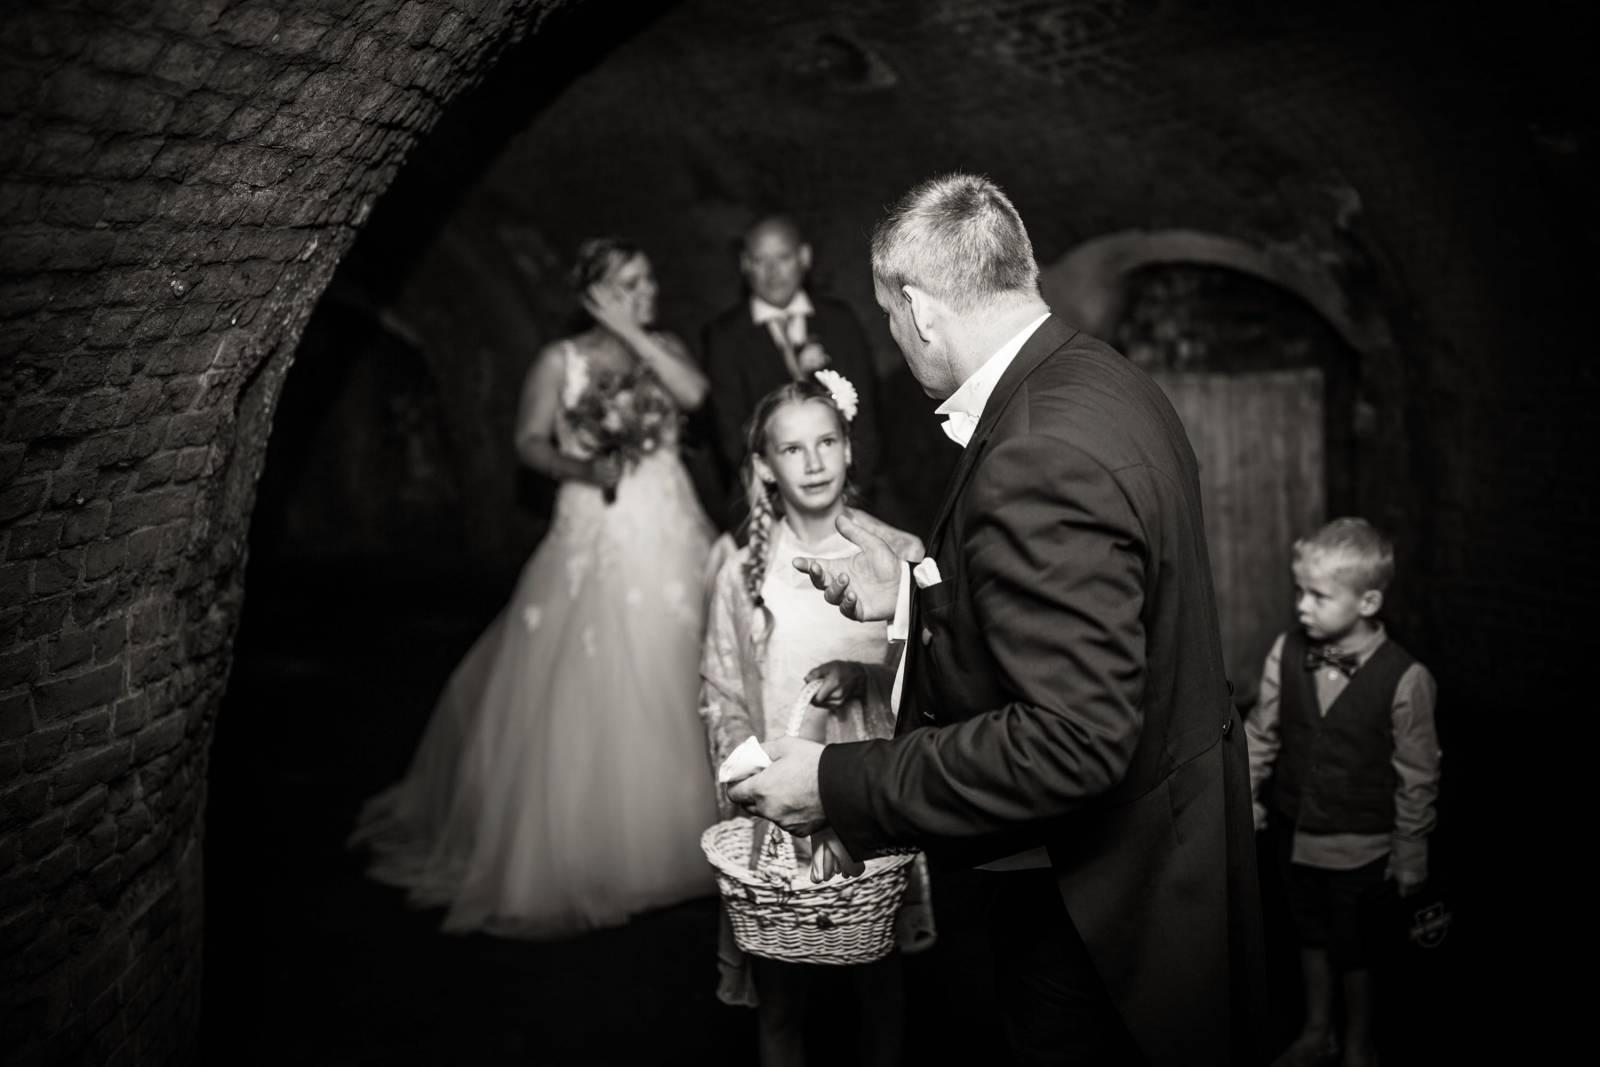 Youniekmemories - Ceremoniemeester - House of Weddings - 13